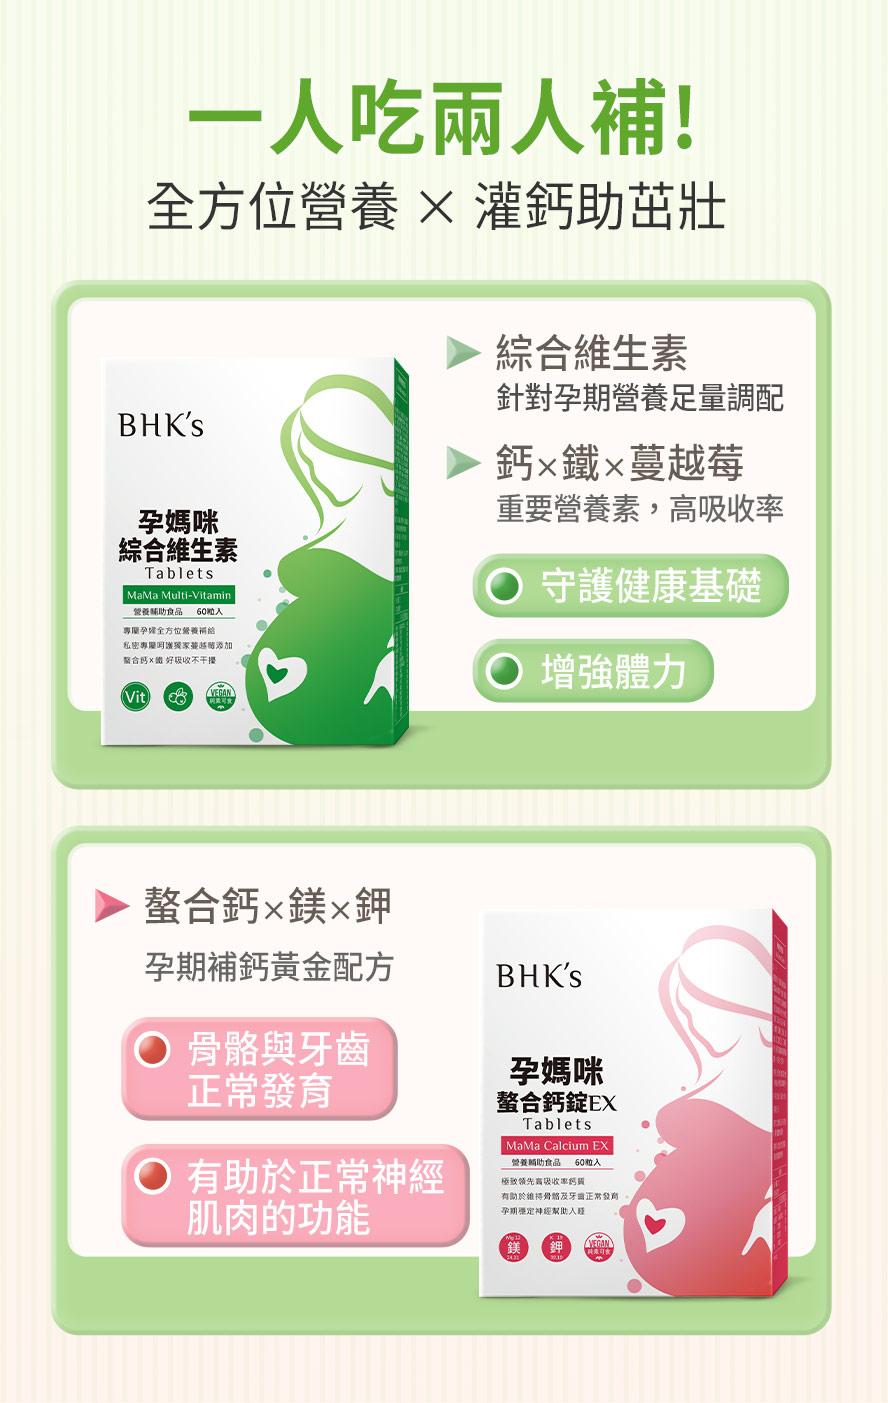 BHK孕婦螯合鈣、孕婦綜合維生素,幫助胎兒生長發育、健康成長、骨骼茁壯。